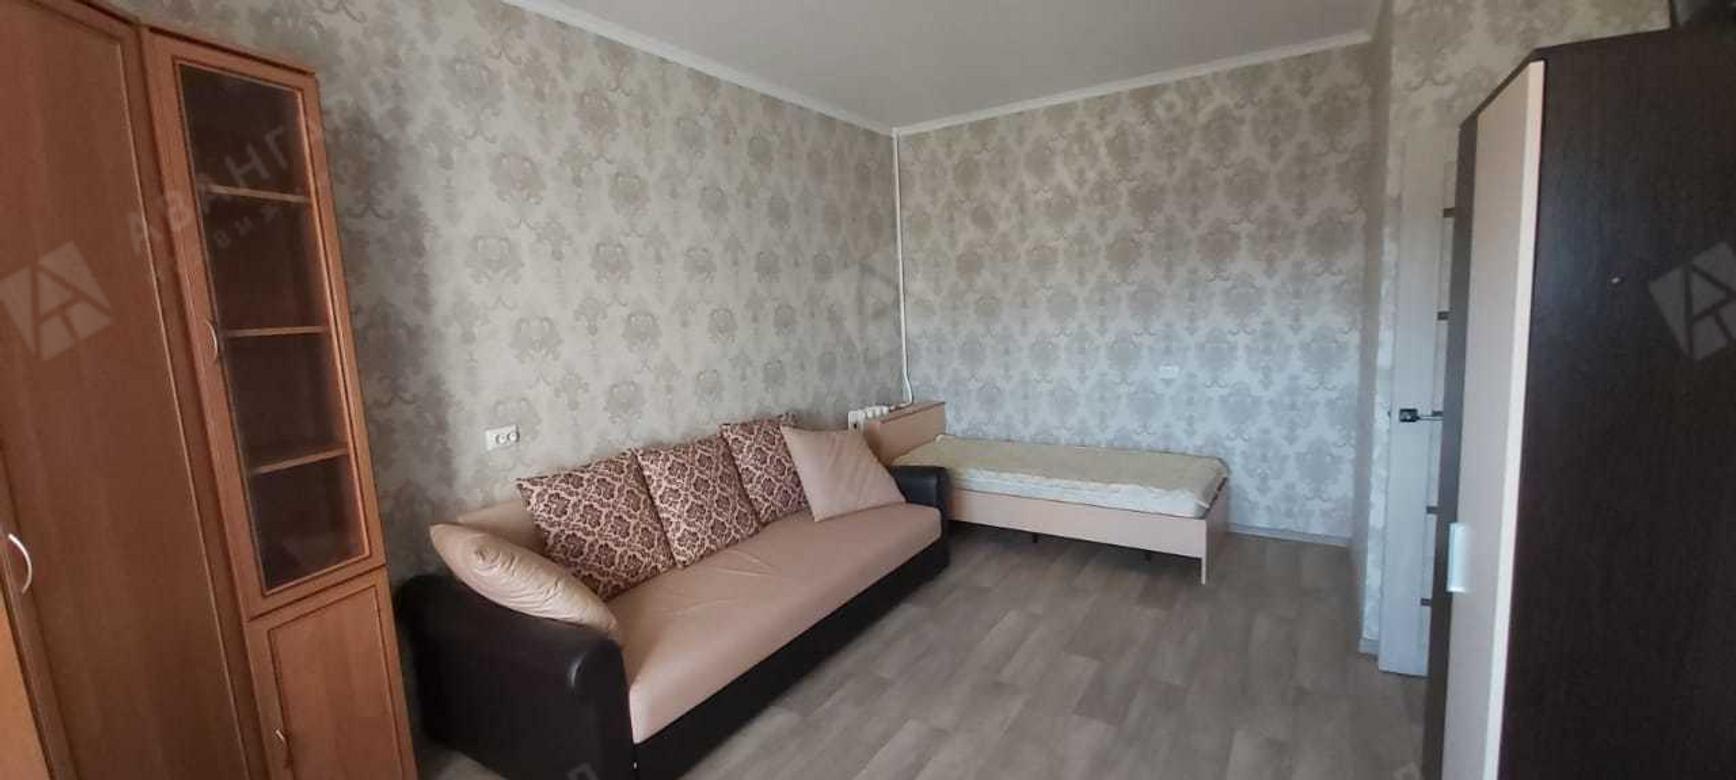 1-комнатная квартира, Энгельса пр-кт, 132к1 - фото 1